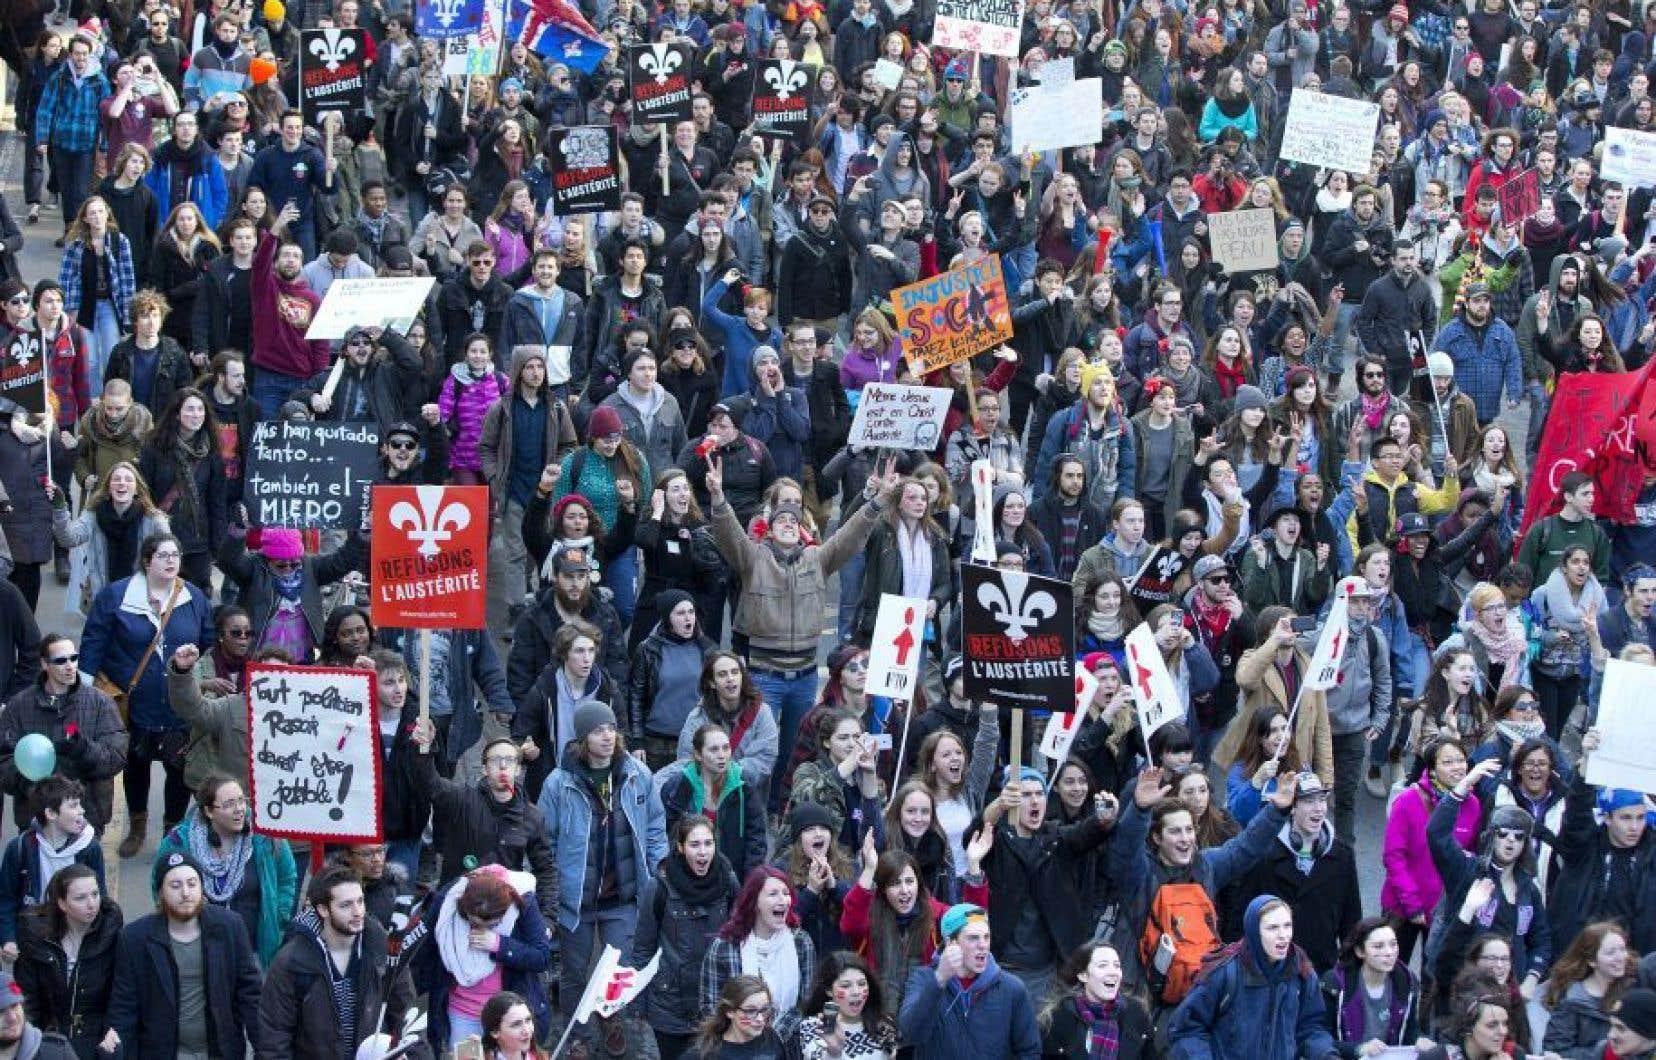 Des milliers de personnes avaient répondu à l'appel de l'ASSÉ le 2 avril 2015 et avaient manifesté leur mécontentement vis-à-vis les mesures d'austérité du gouvernement.